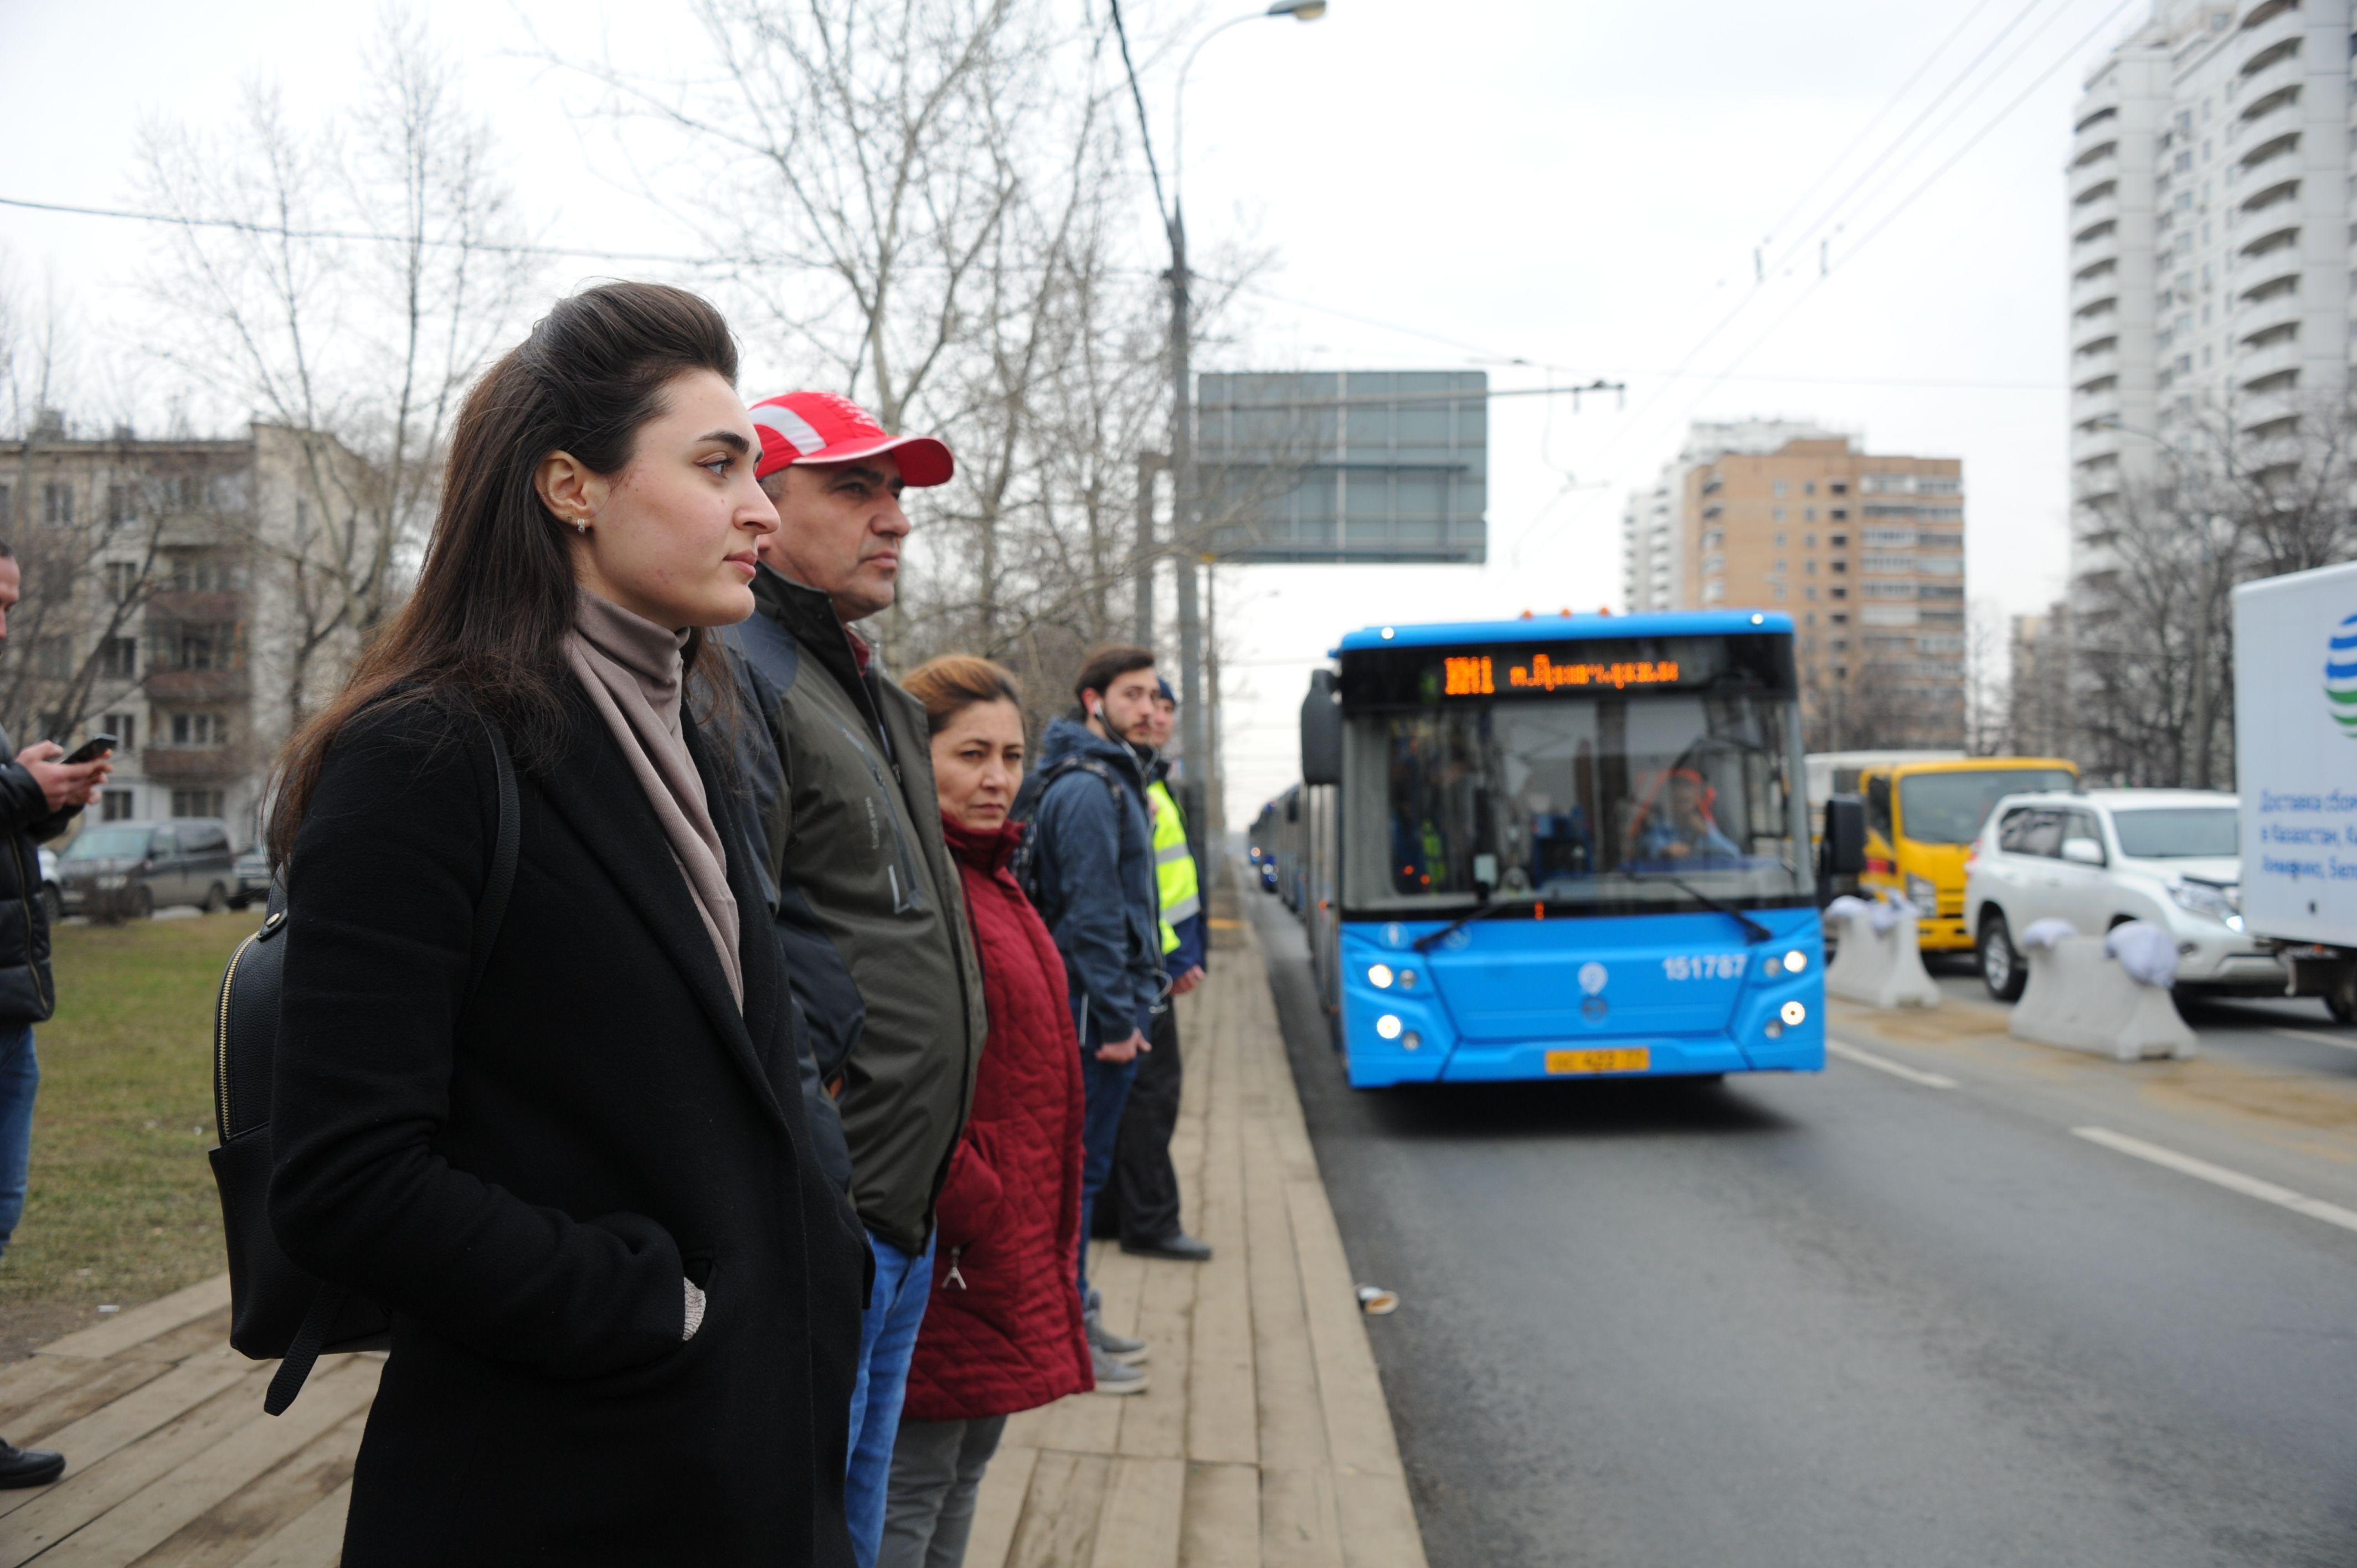 Специалисты организовали дополнительную дезинфекцию салонов автобусов